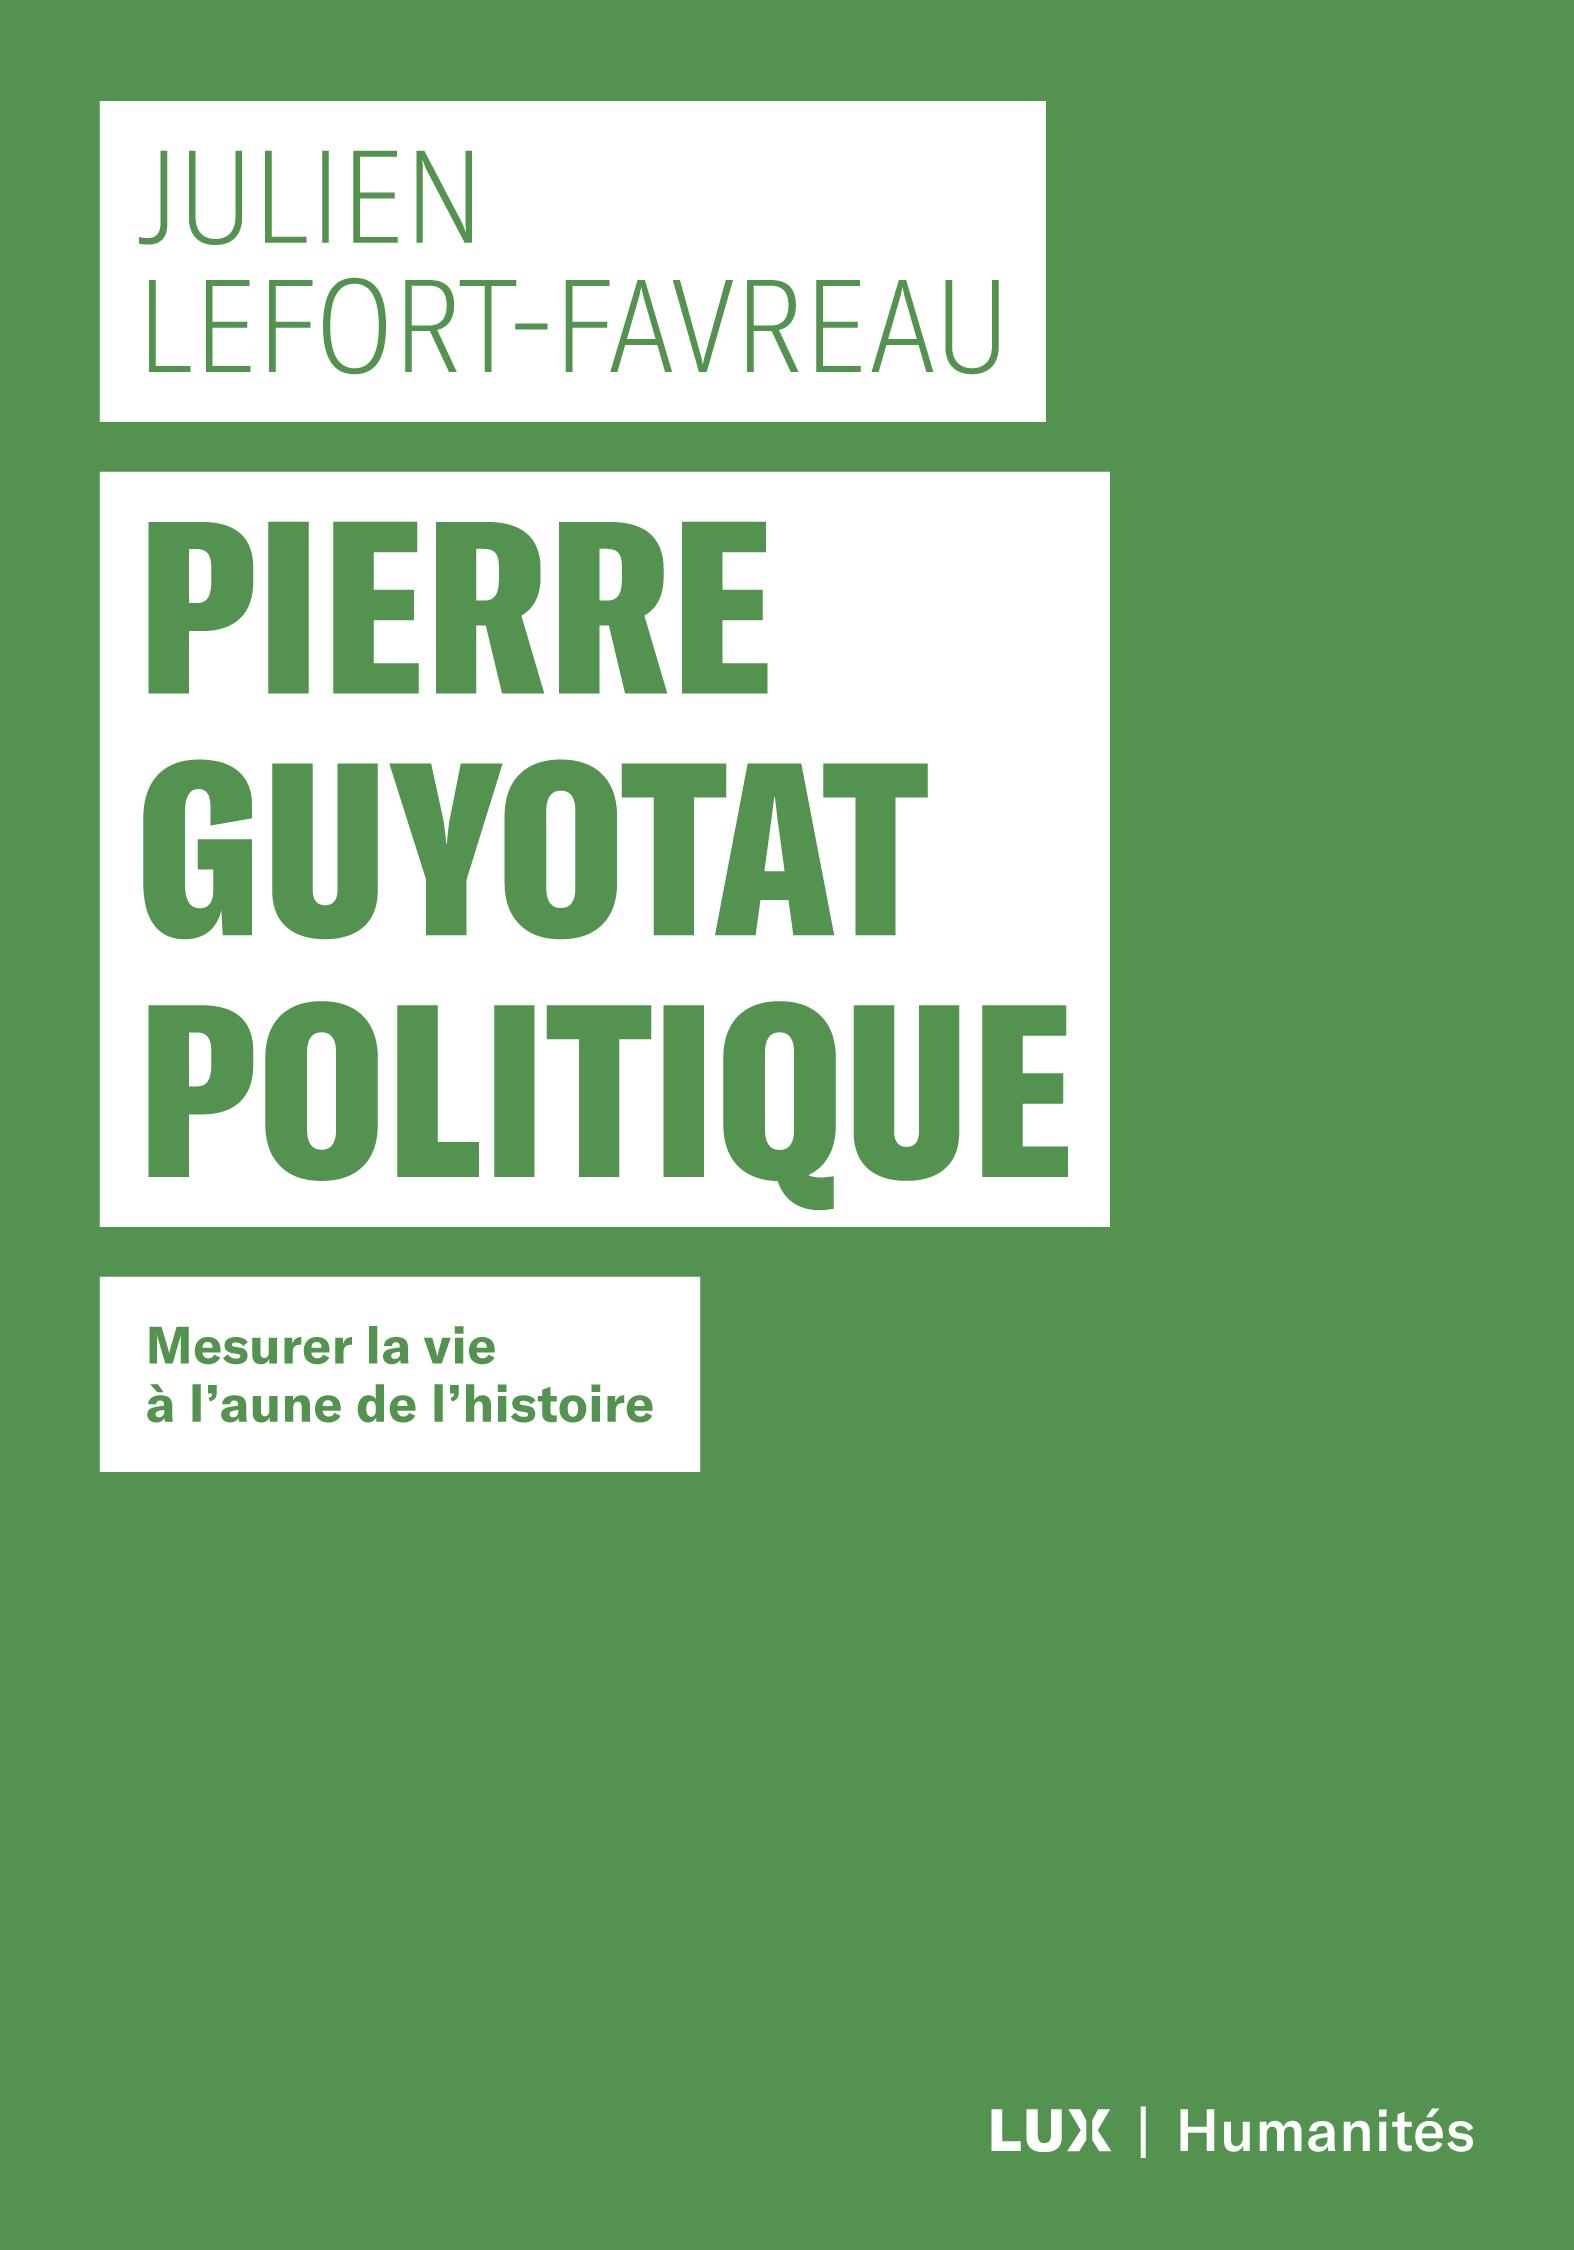 Pierre Guyotat politique